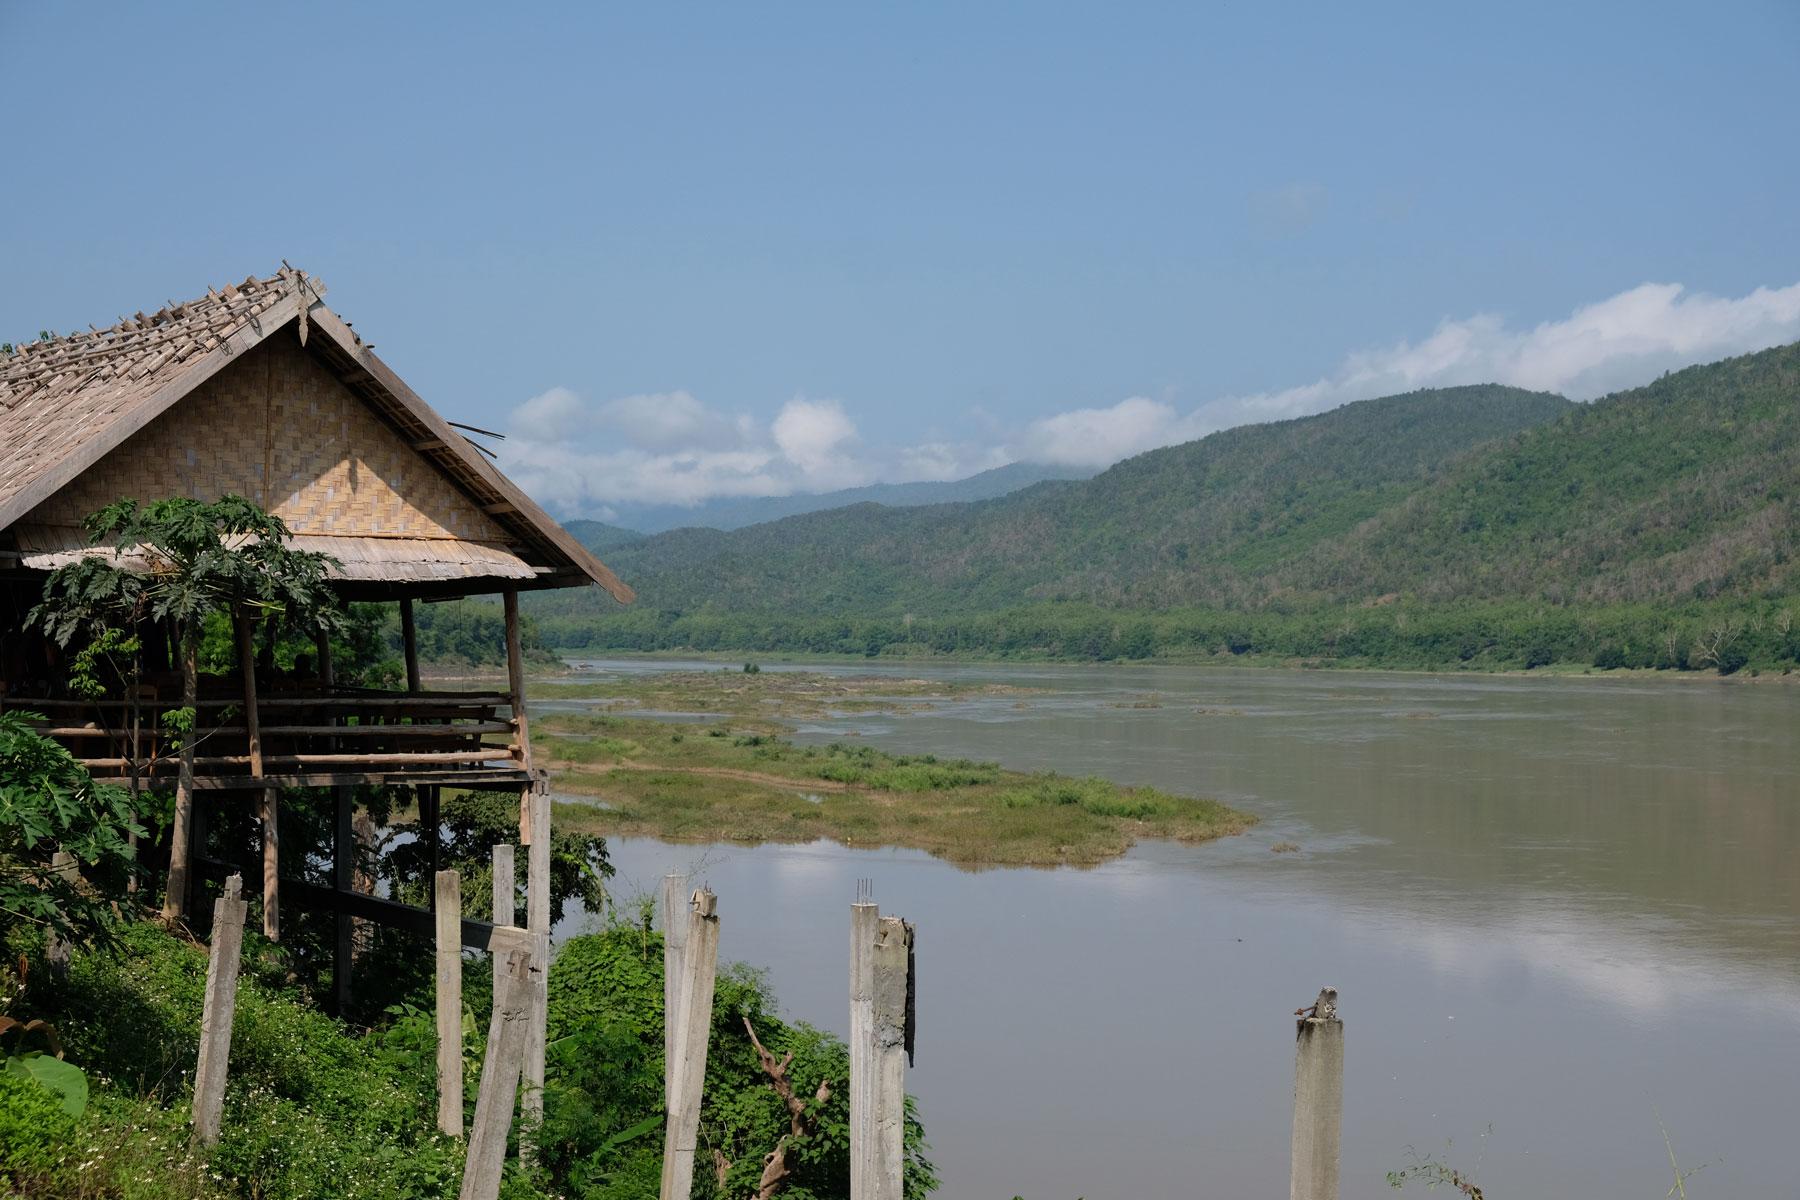 Eine Hütte am Mekong bei Luang Prabang.